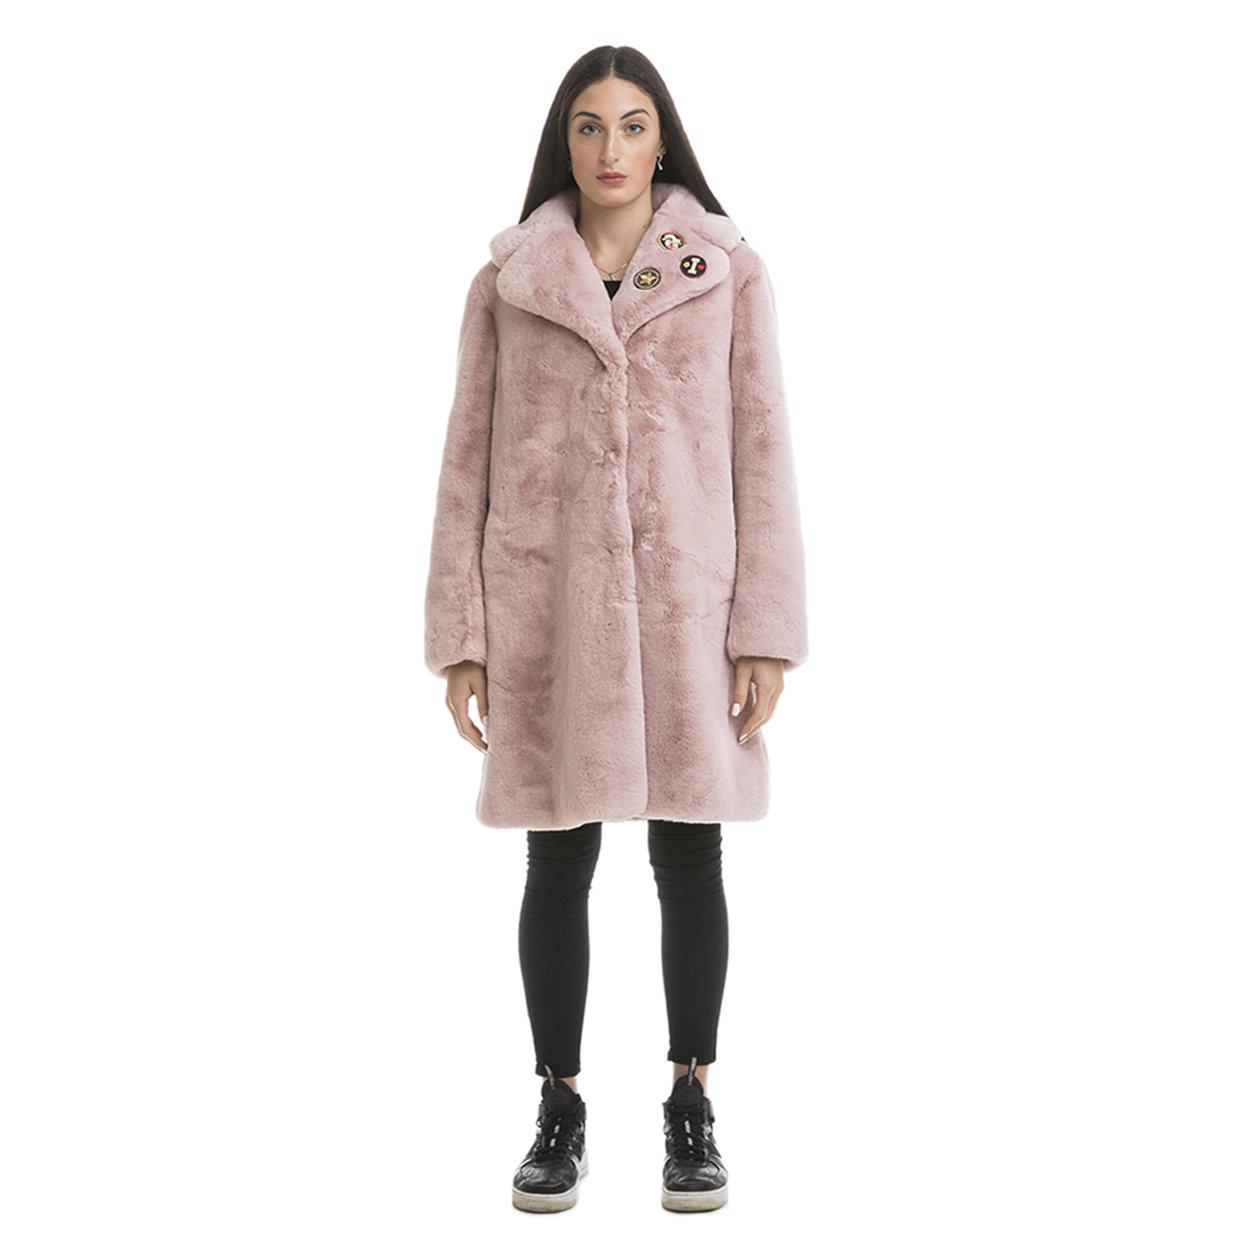 the latest 09fa3 f0f74 Cappotto donna in tessuto fake fur rosa